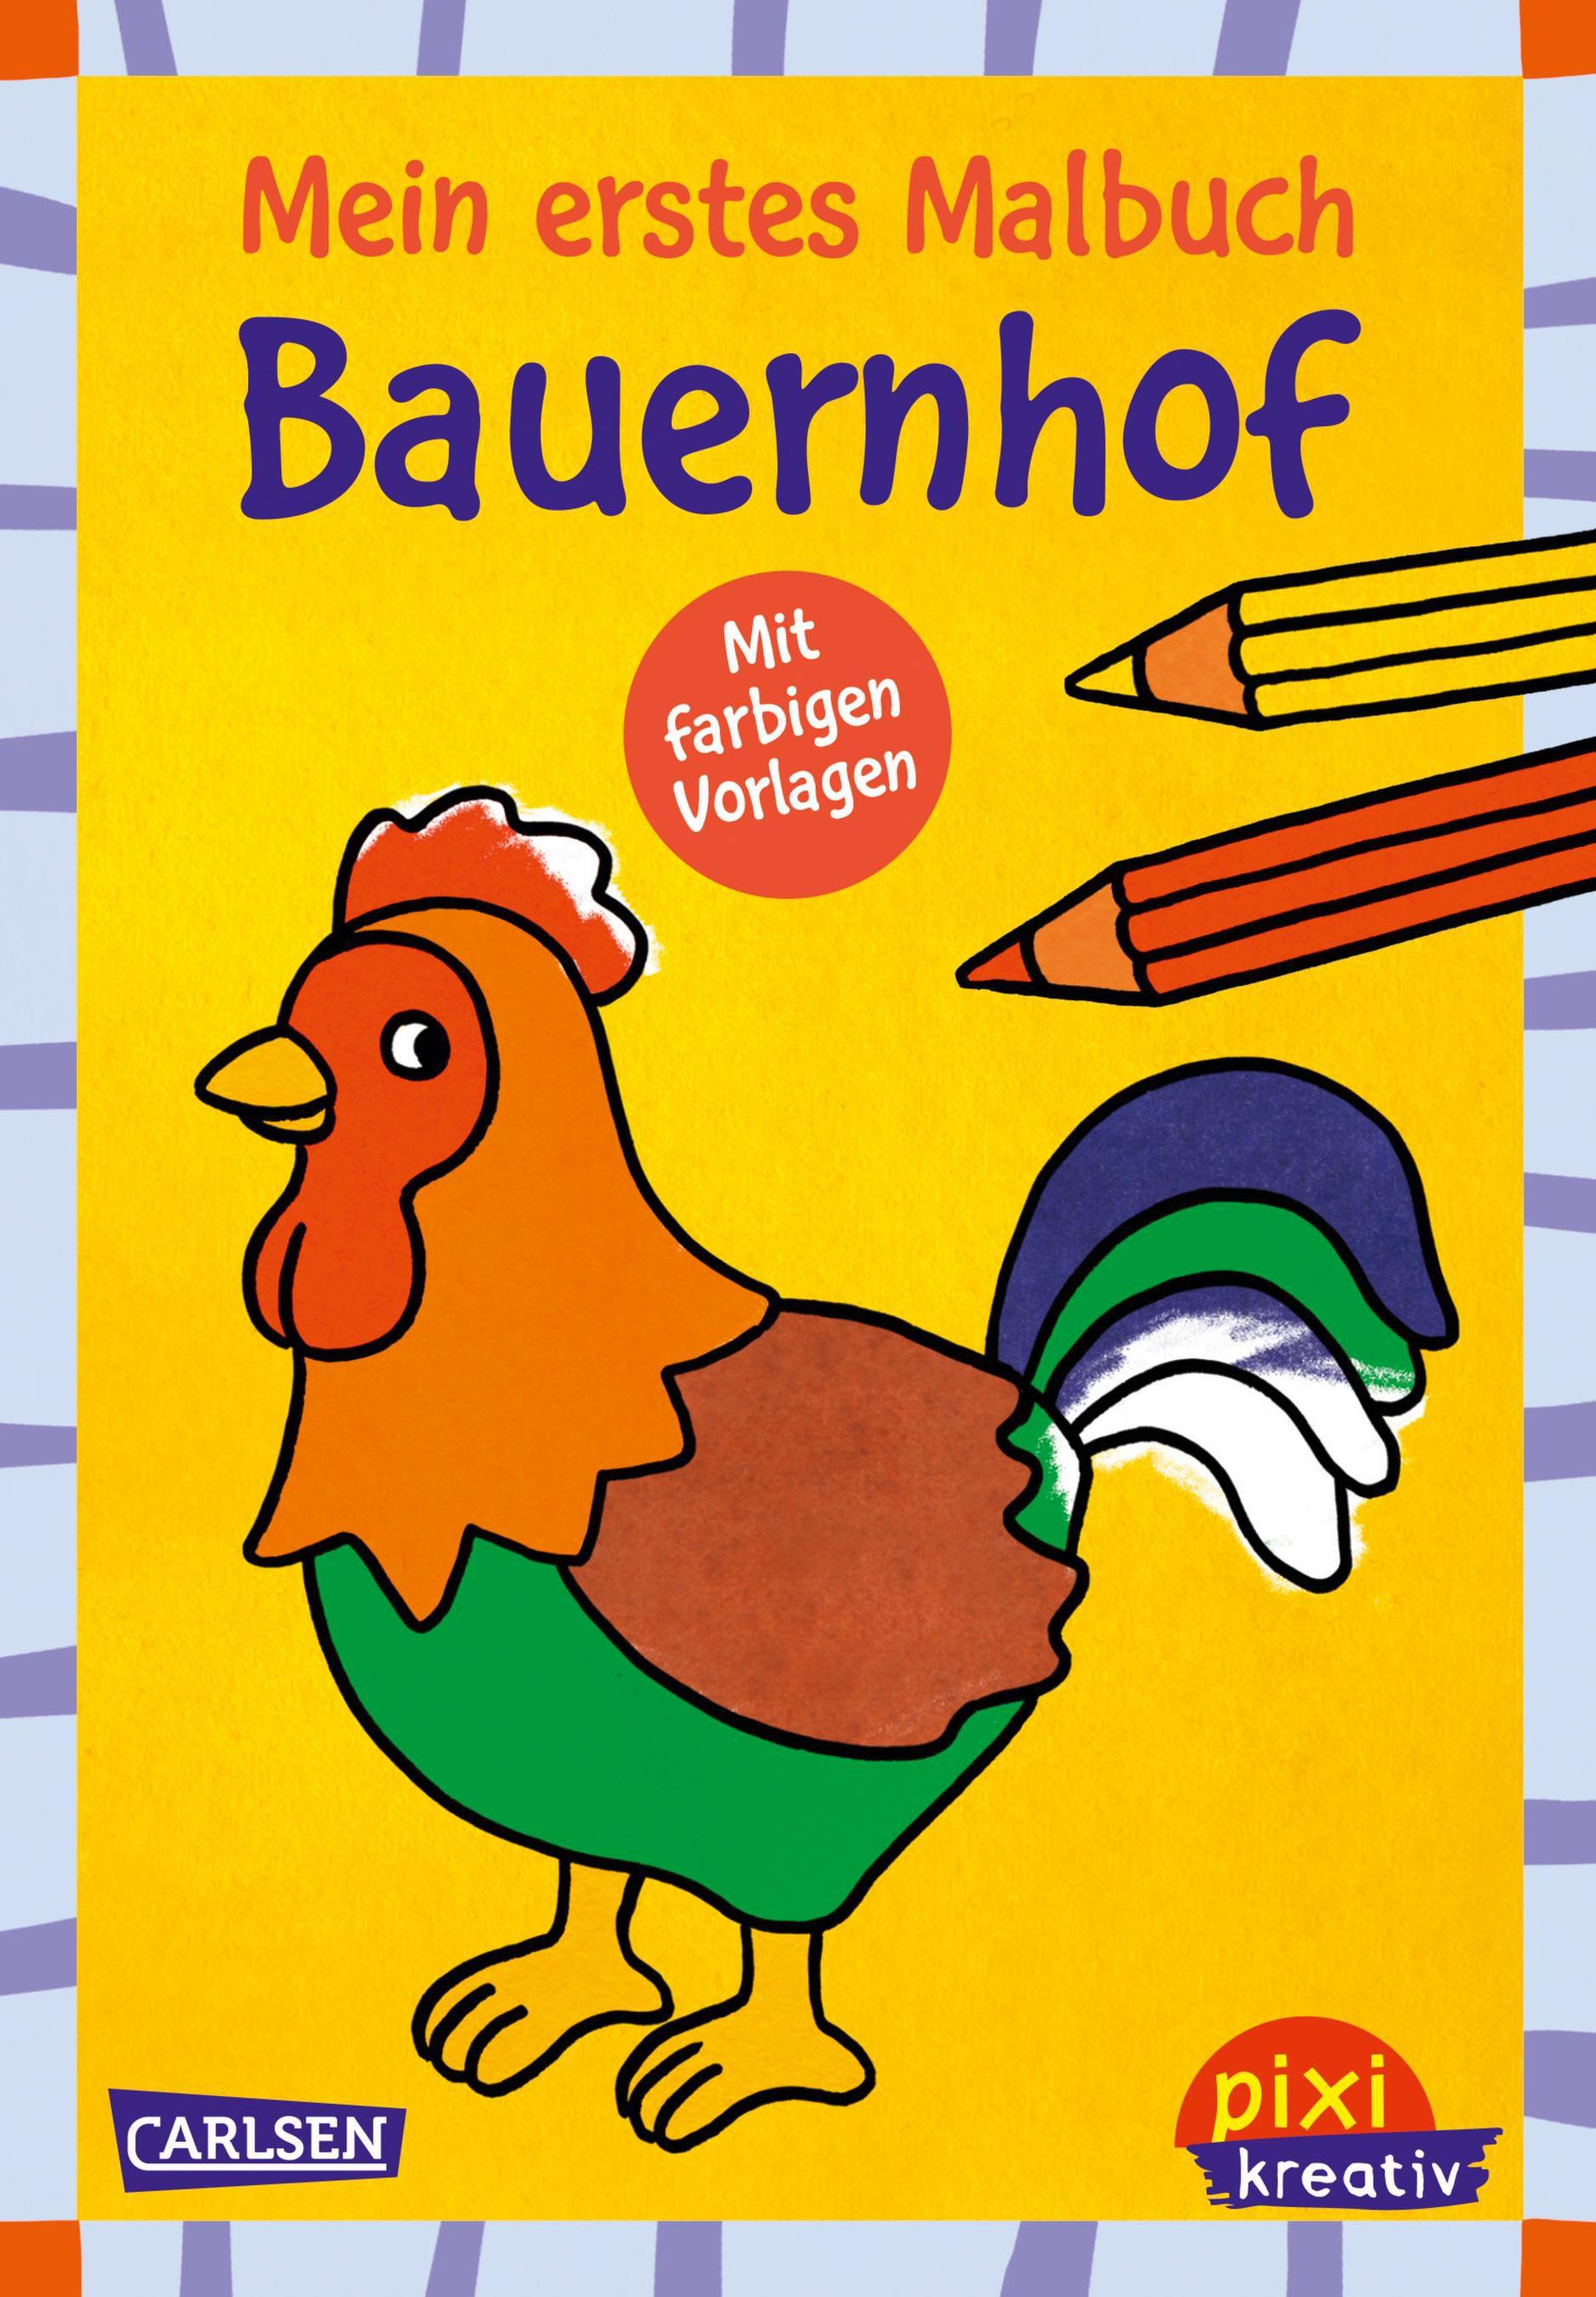 Niedlich Beatles Malbuch Bilder - Druckbare Malvorlagen - amaichi.info